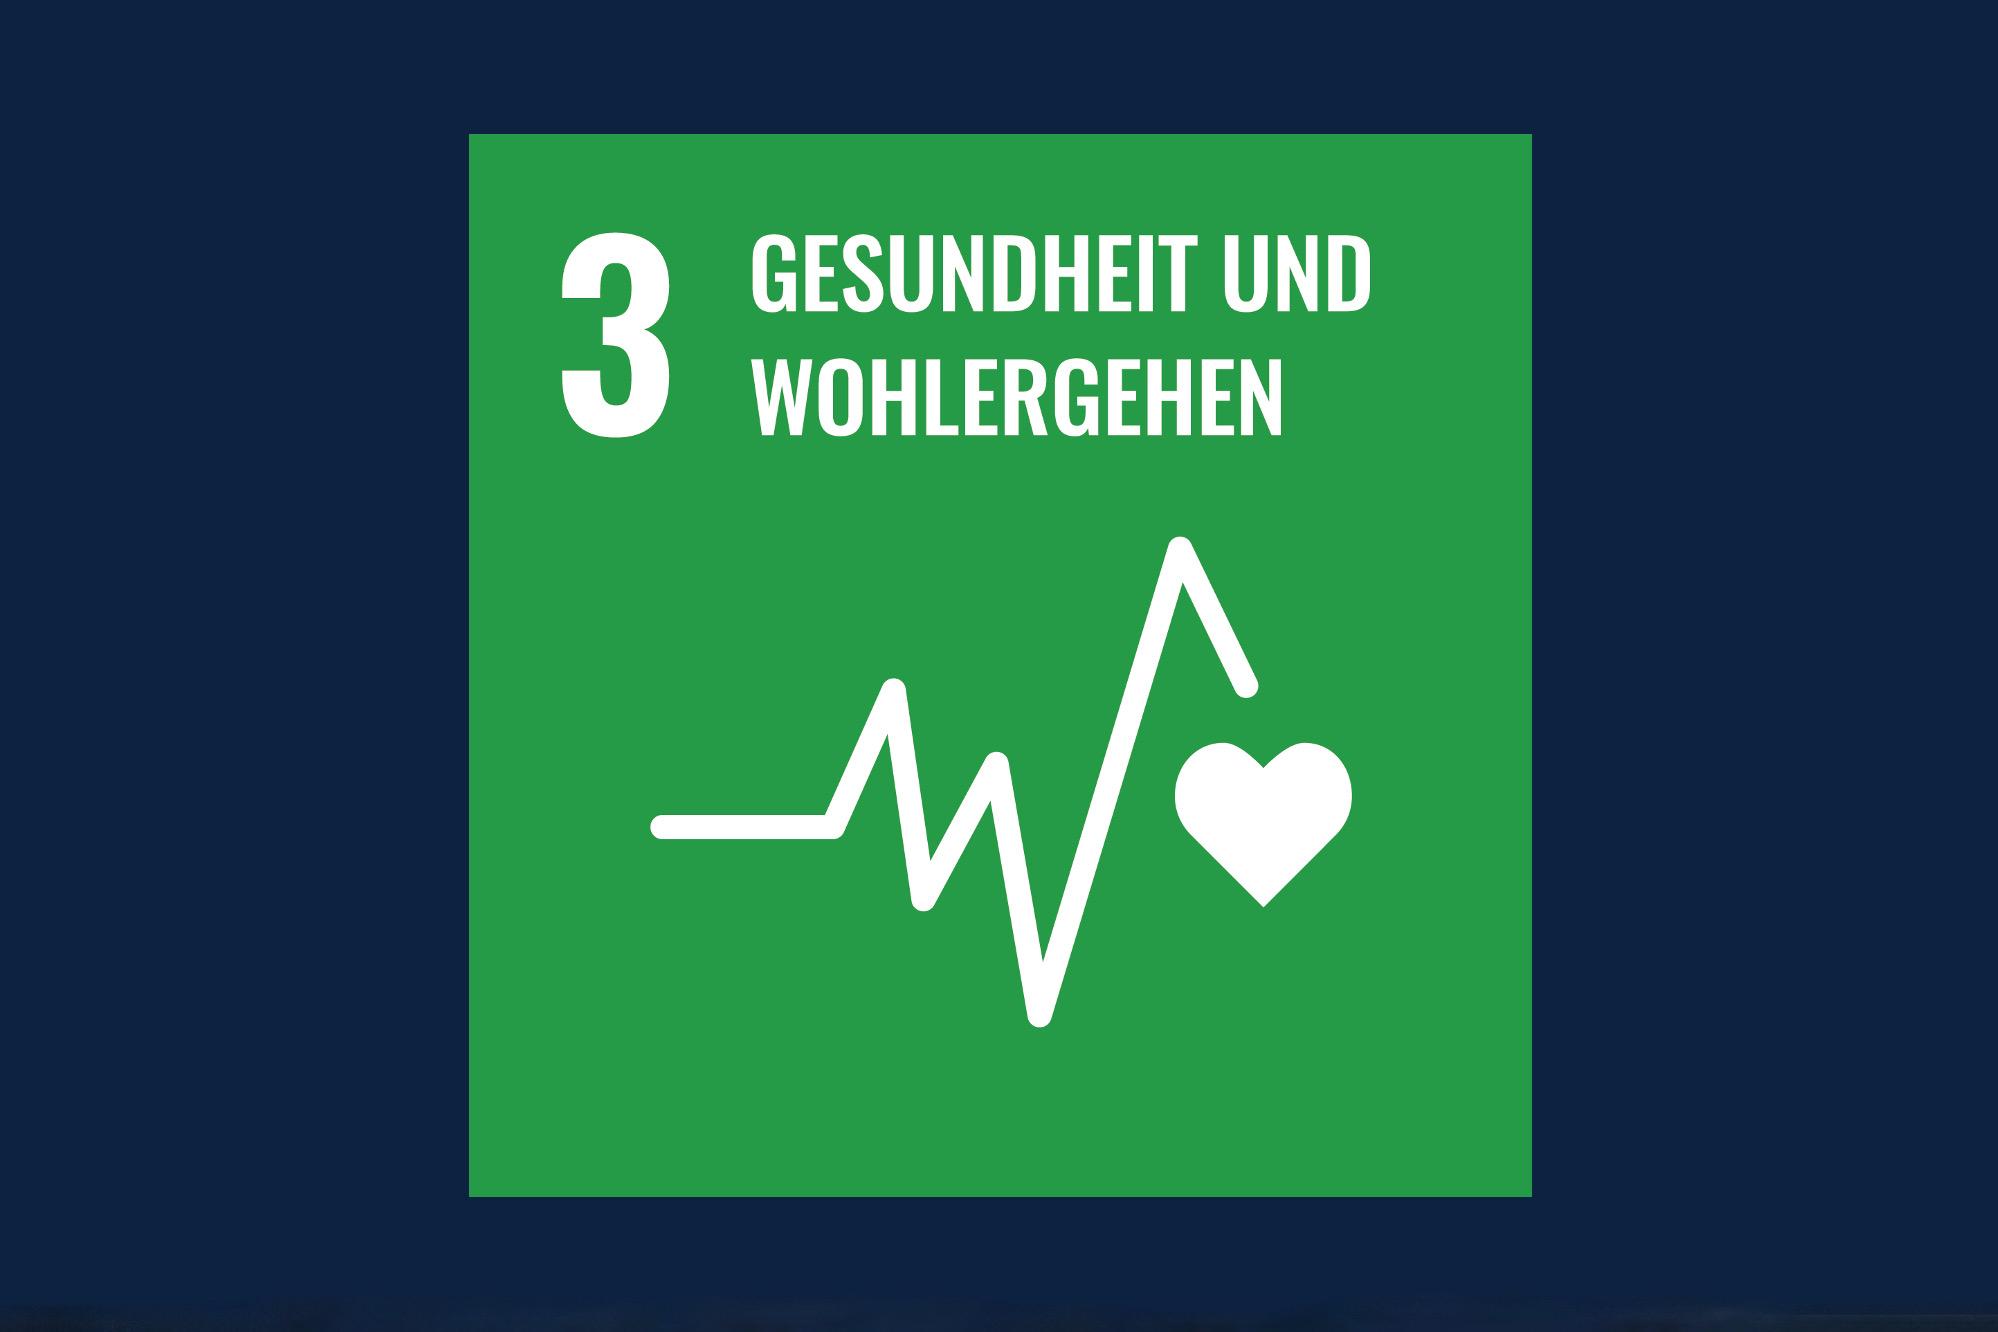 Icon für das Ziel 3 – Gesundheit und Wohlergehen